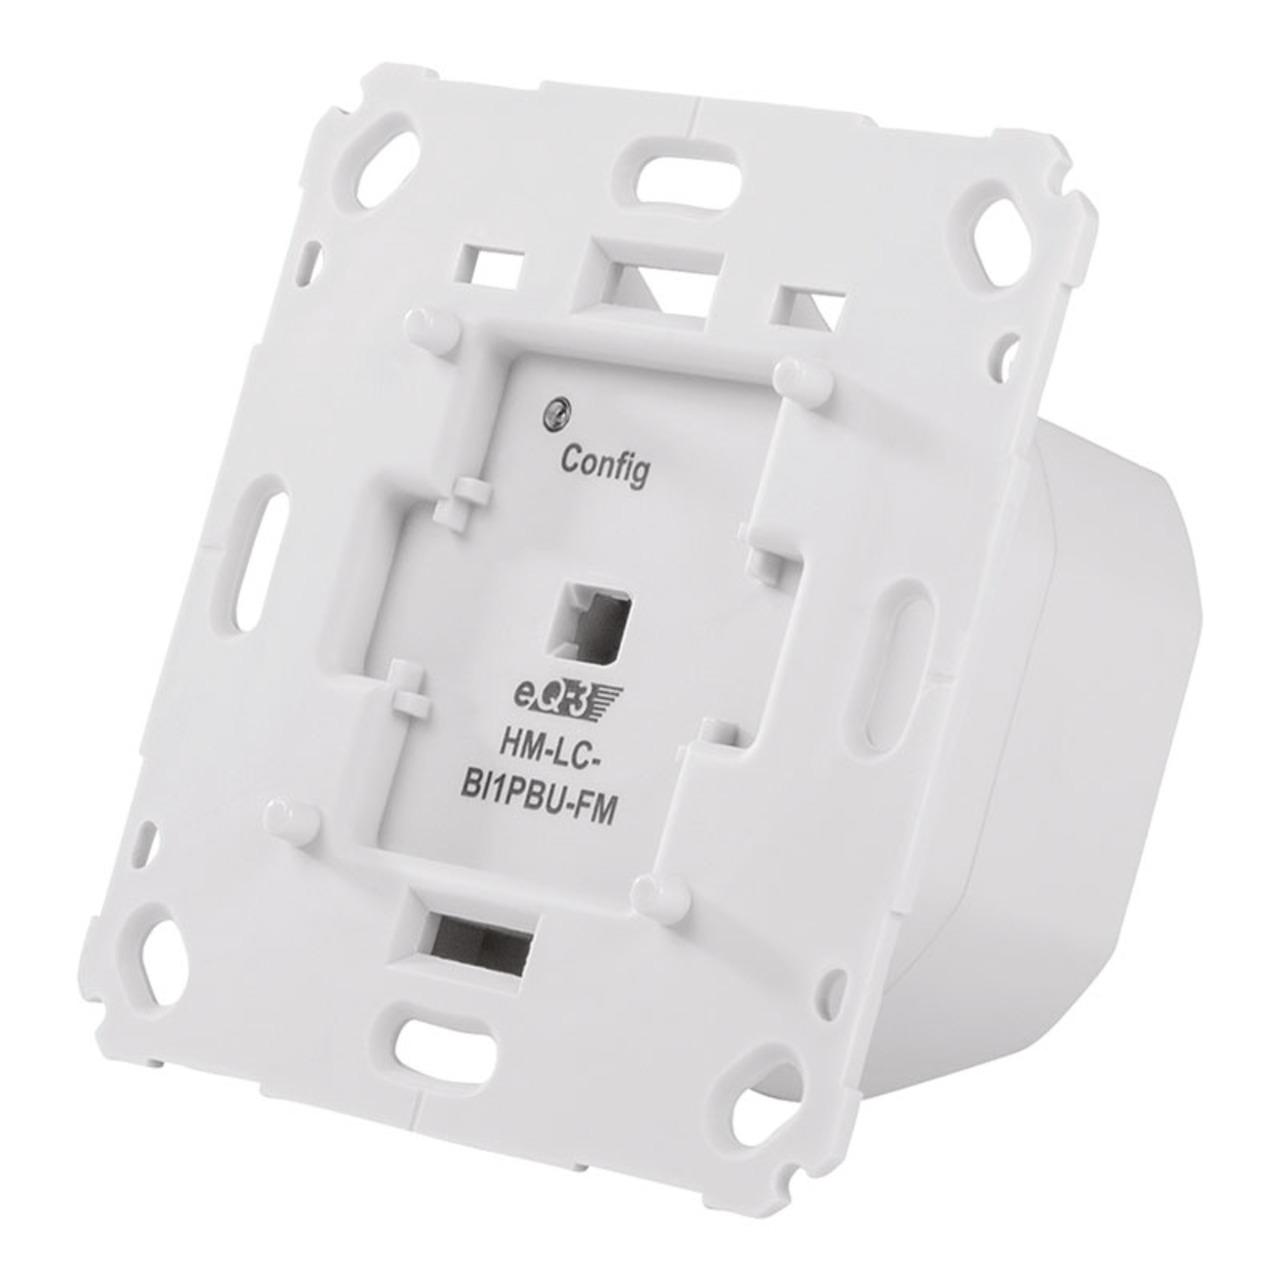 Homematic Funk-Rollladenaktor für Markenschalter- 1fach Unterputzmontage HM-LC-Bl1PBU-FM